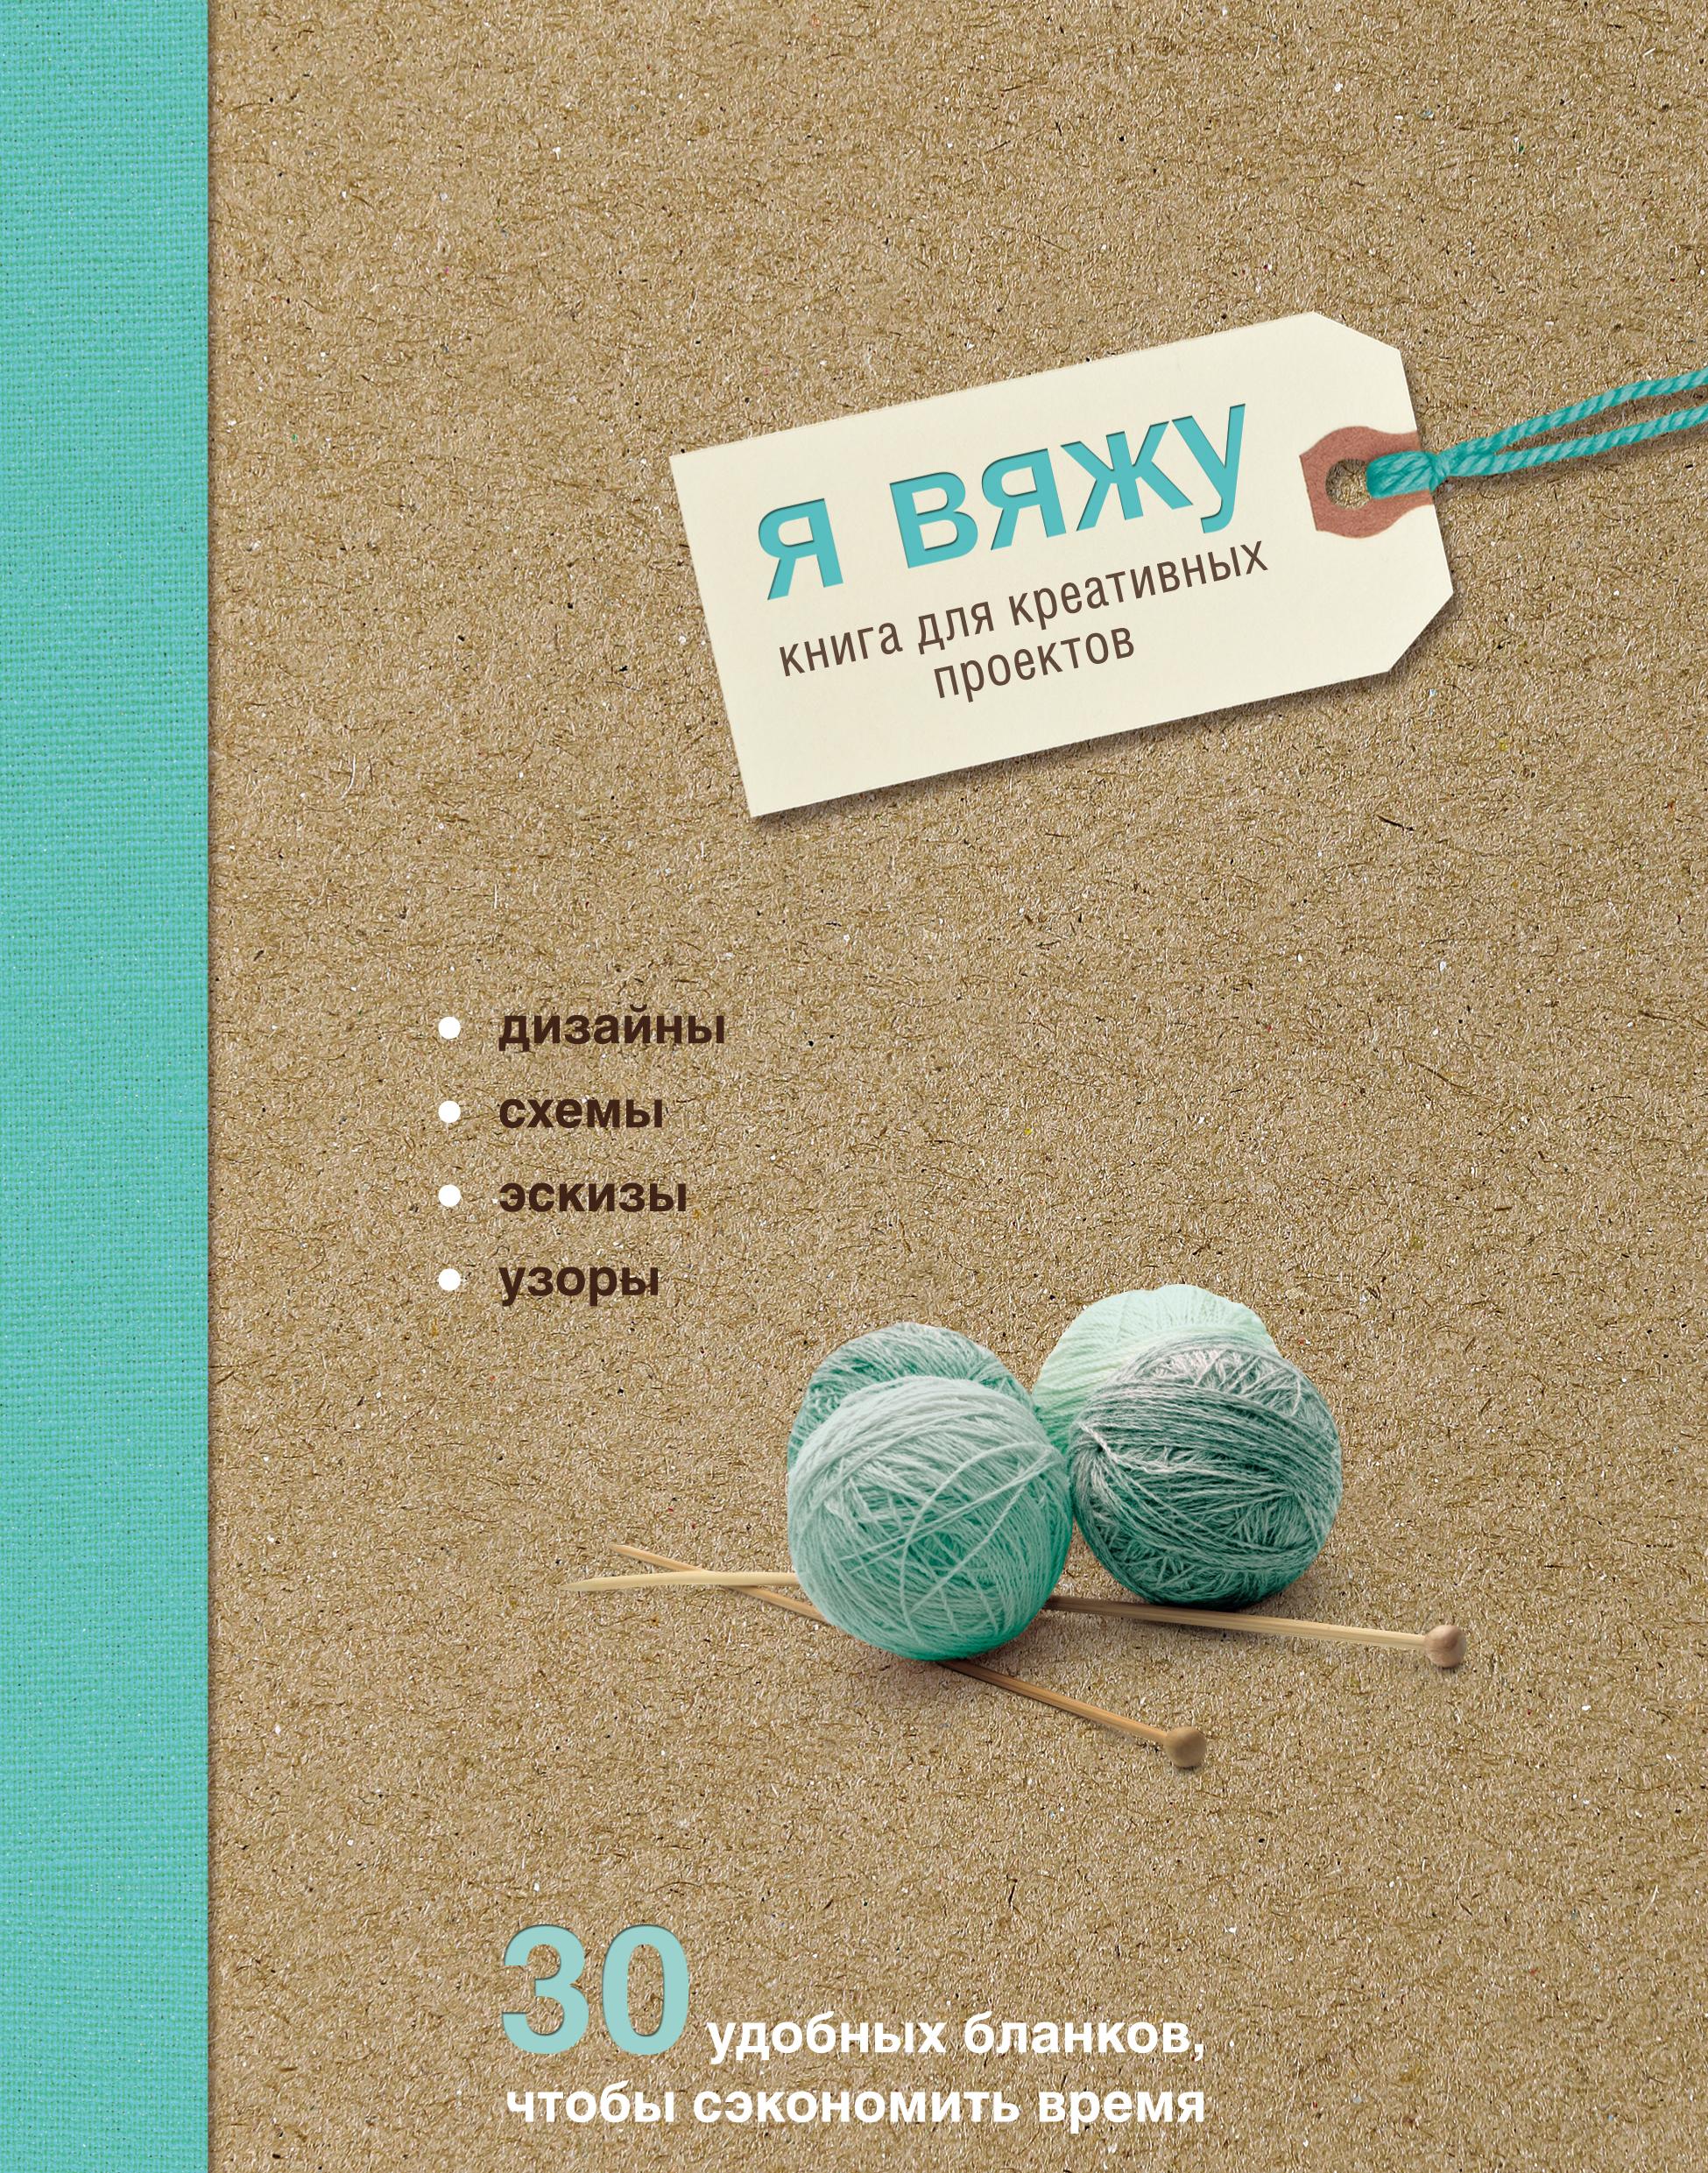 Я вяжу. Книга для креативных проектов. Дизайны, схемы, эскизы